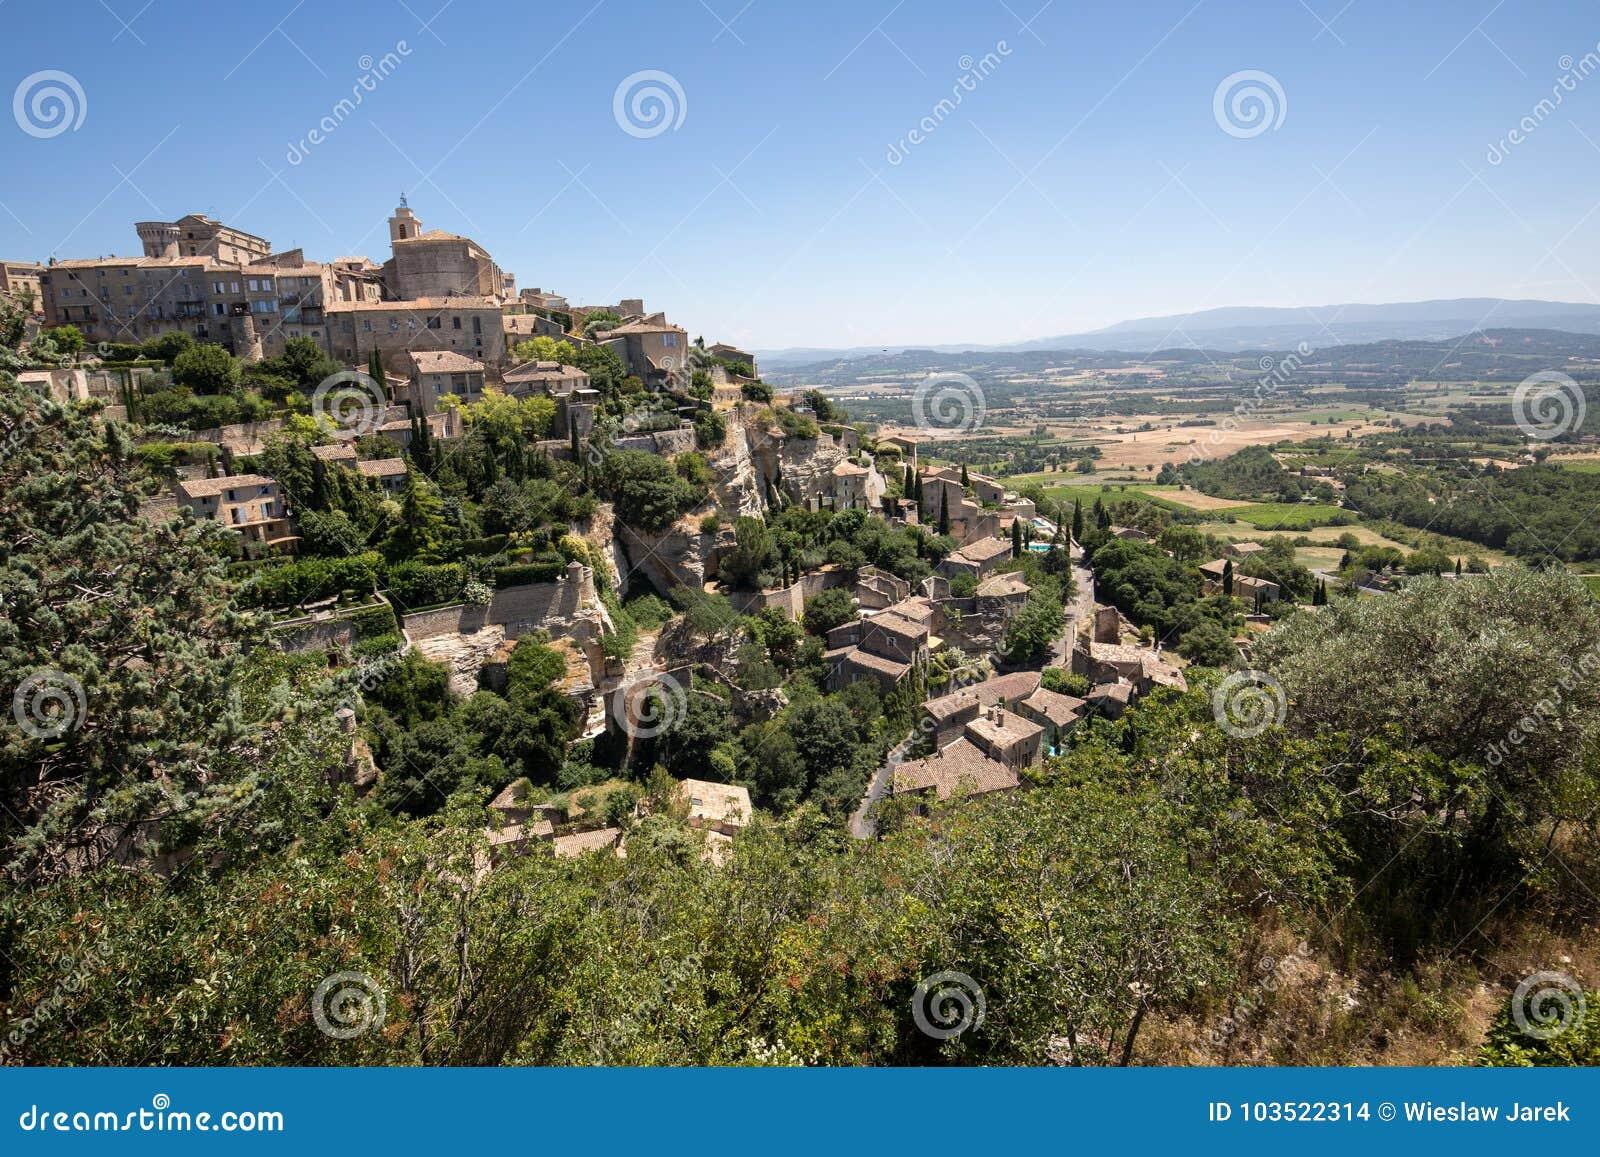 Средневековый городок вершины холма Gordes Провансаль